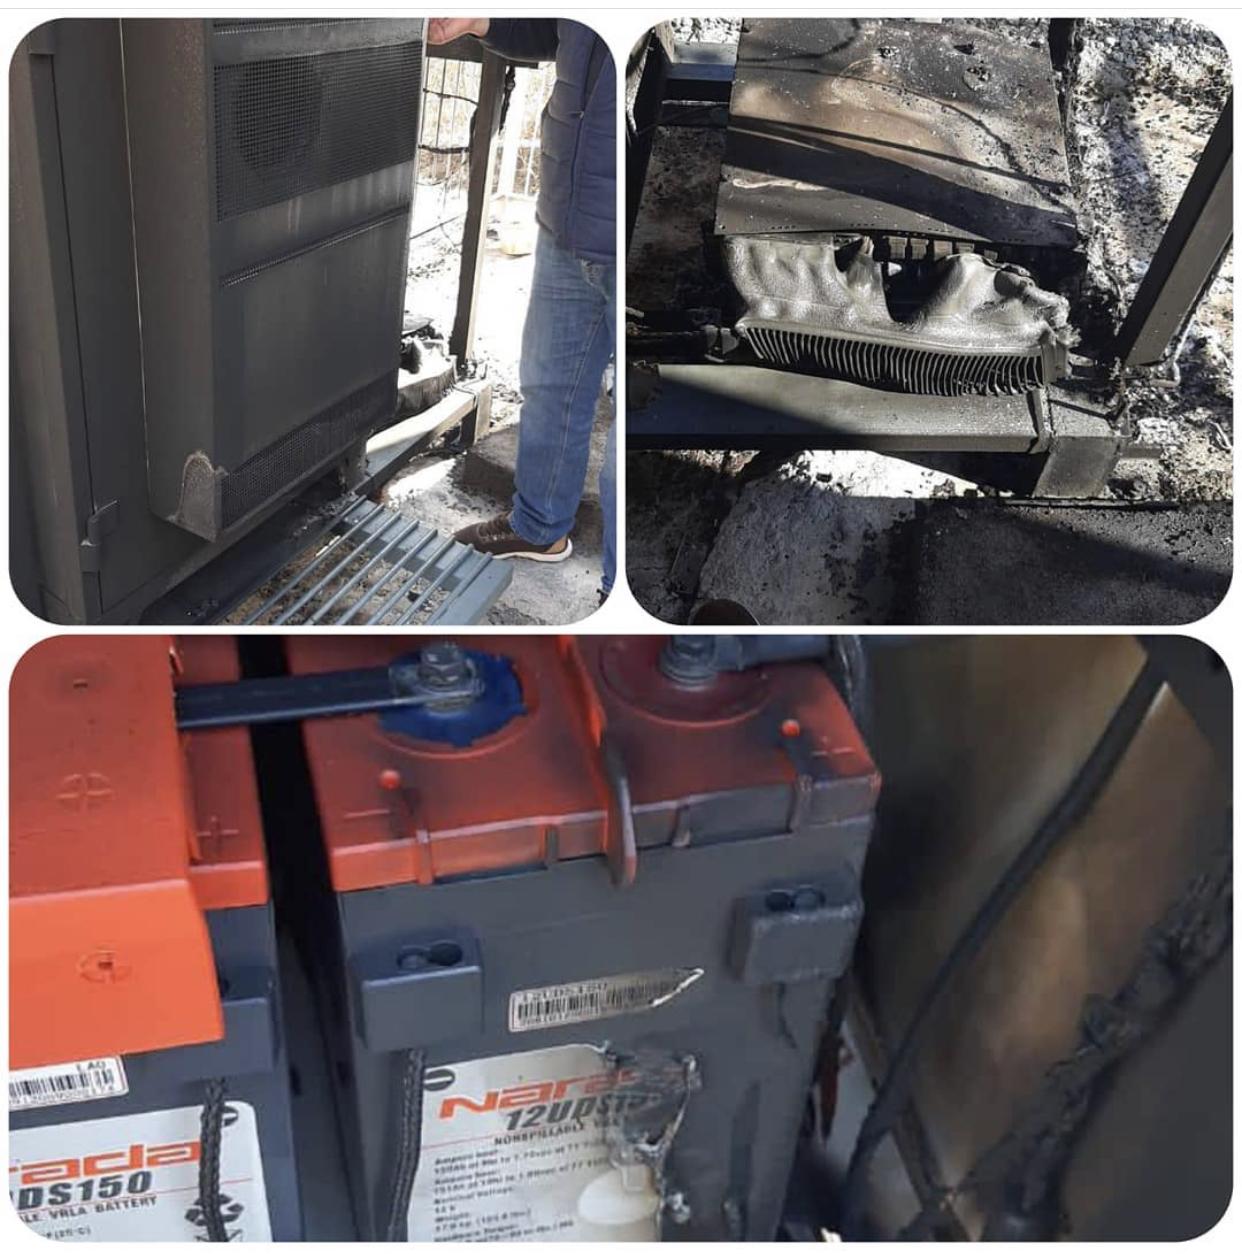 Полиция проводит проверку по факту возгорания ретранслятора сотового оператора в Мизуре